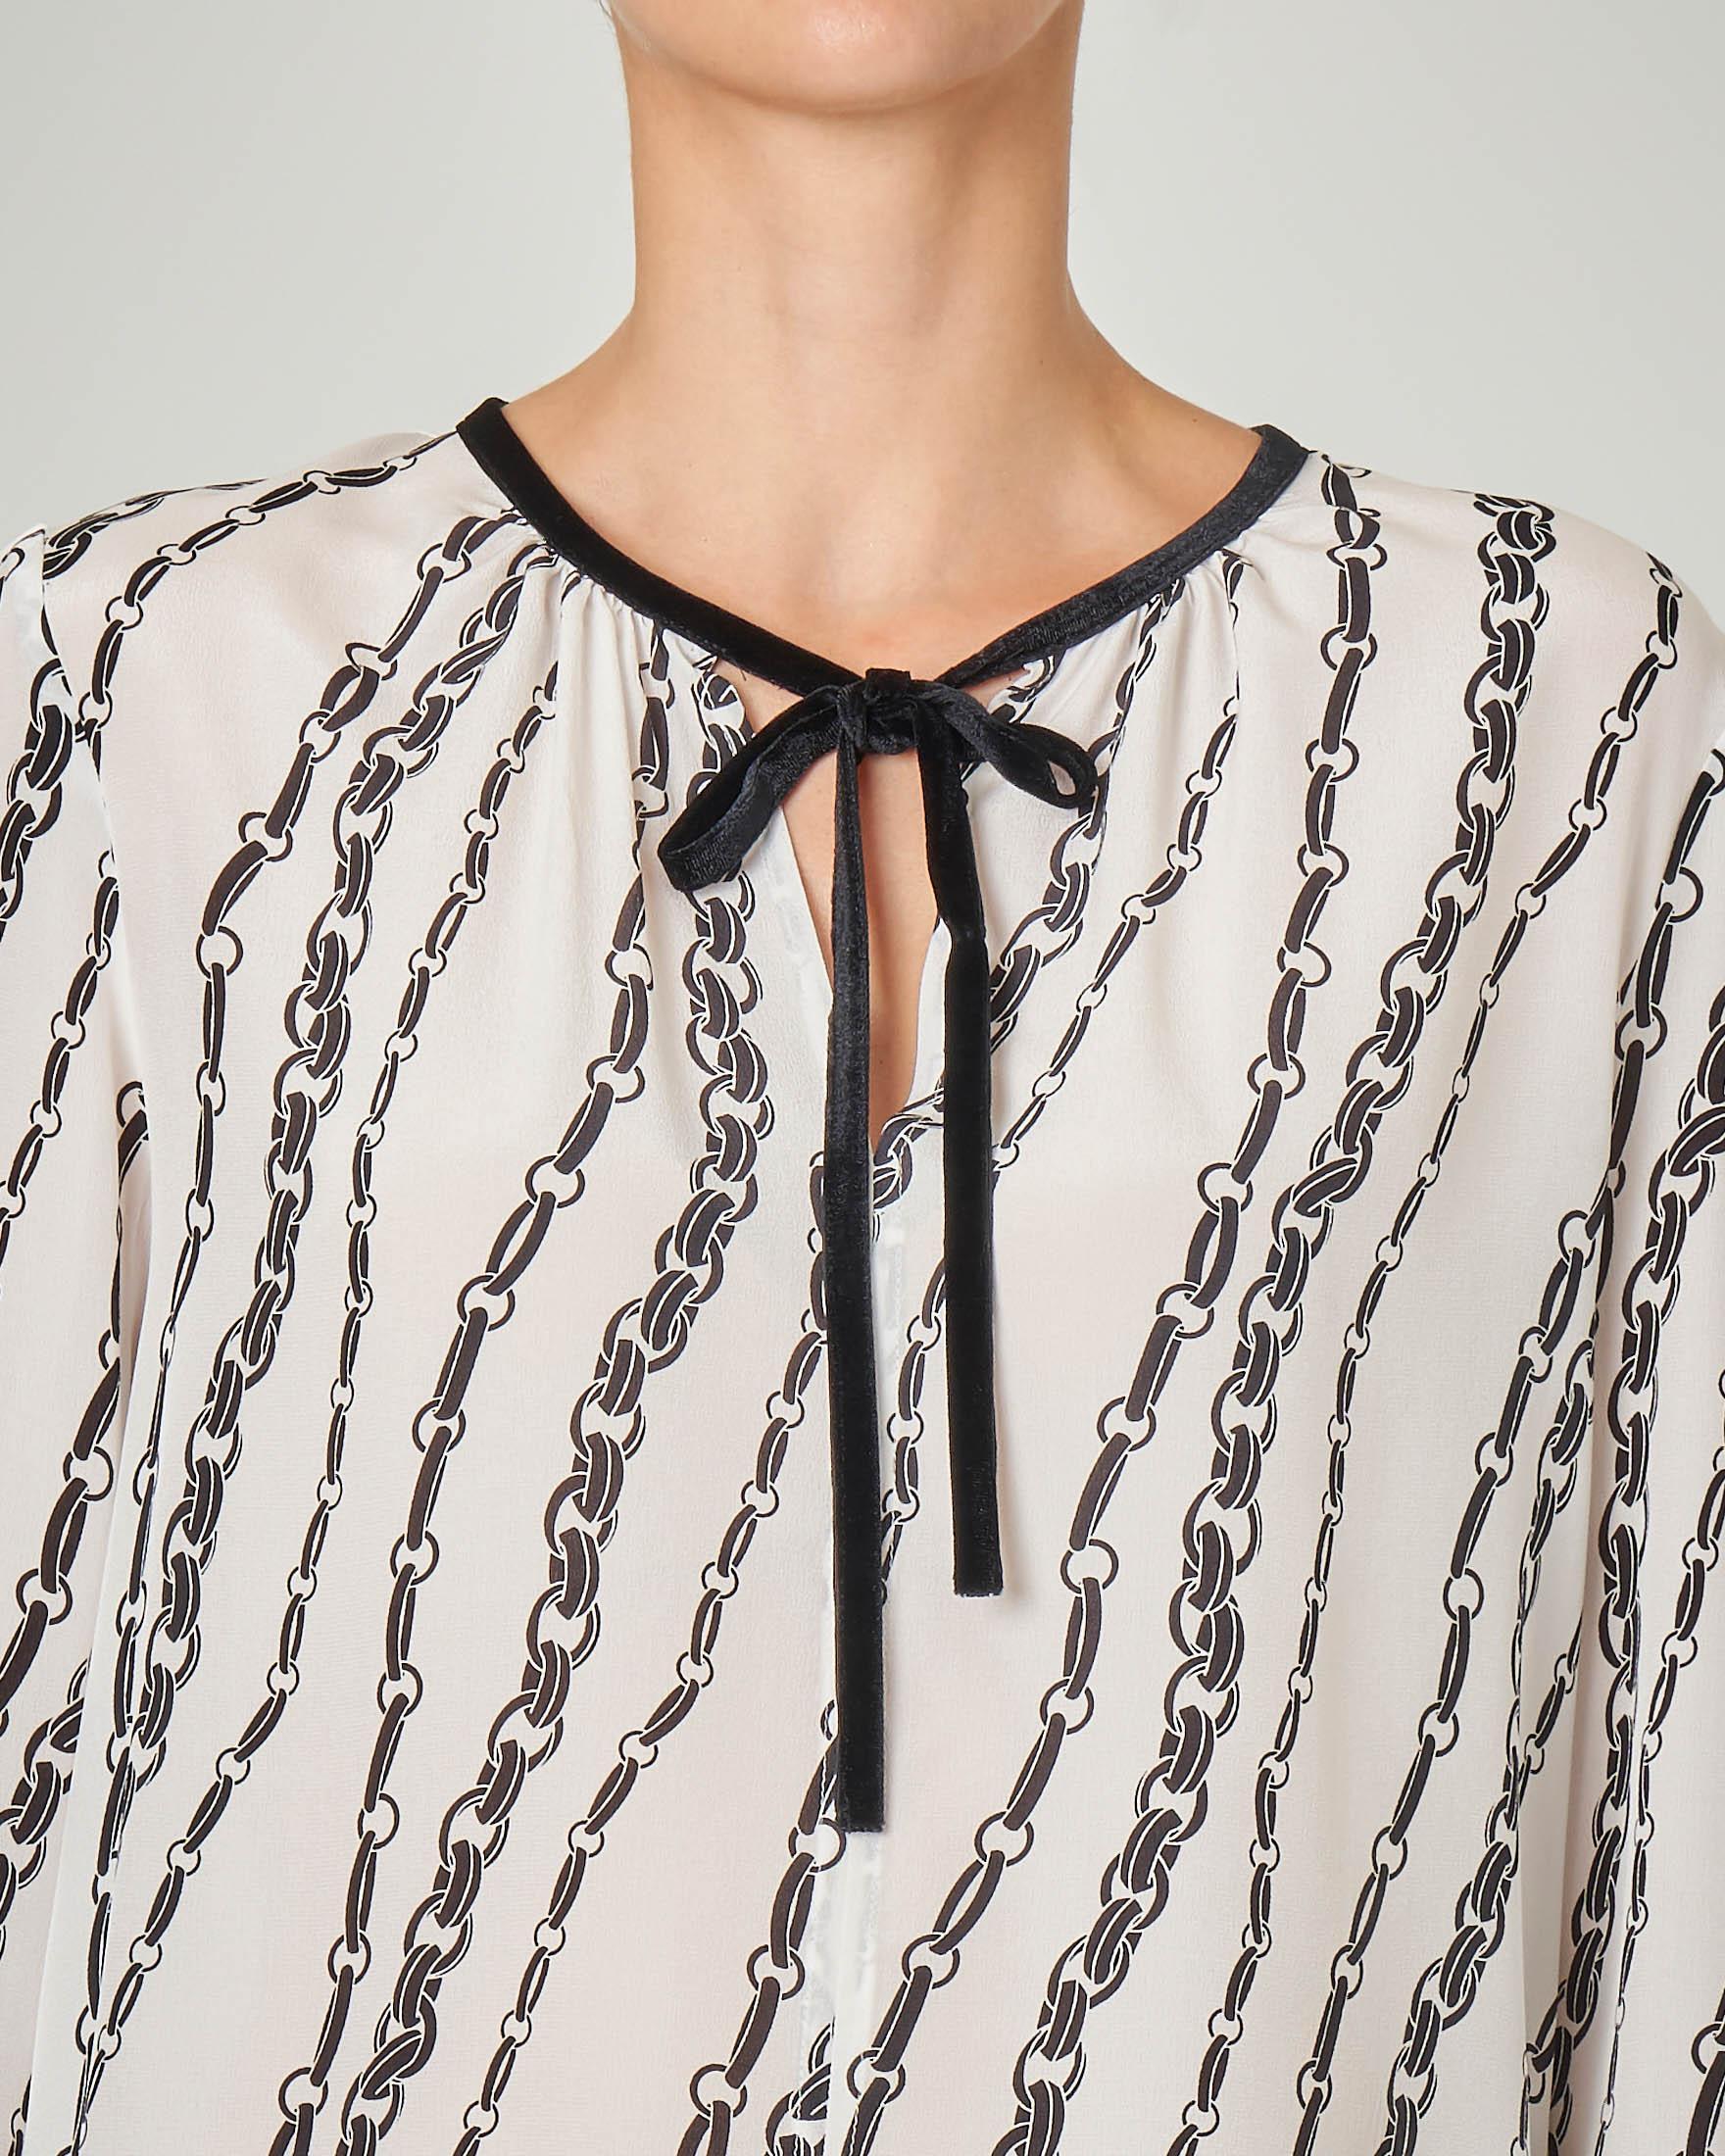 Camicia in sete bianca a stampa a catene con fiocchetto in velluto nero